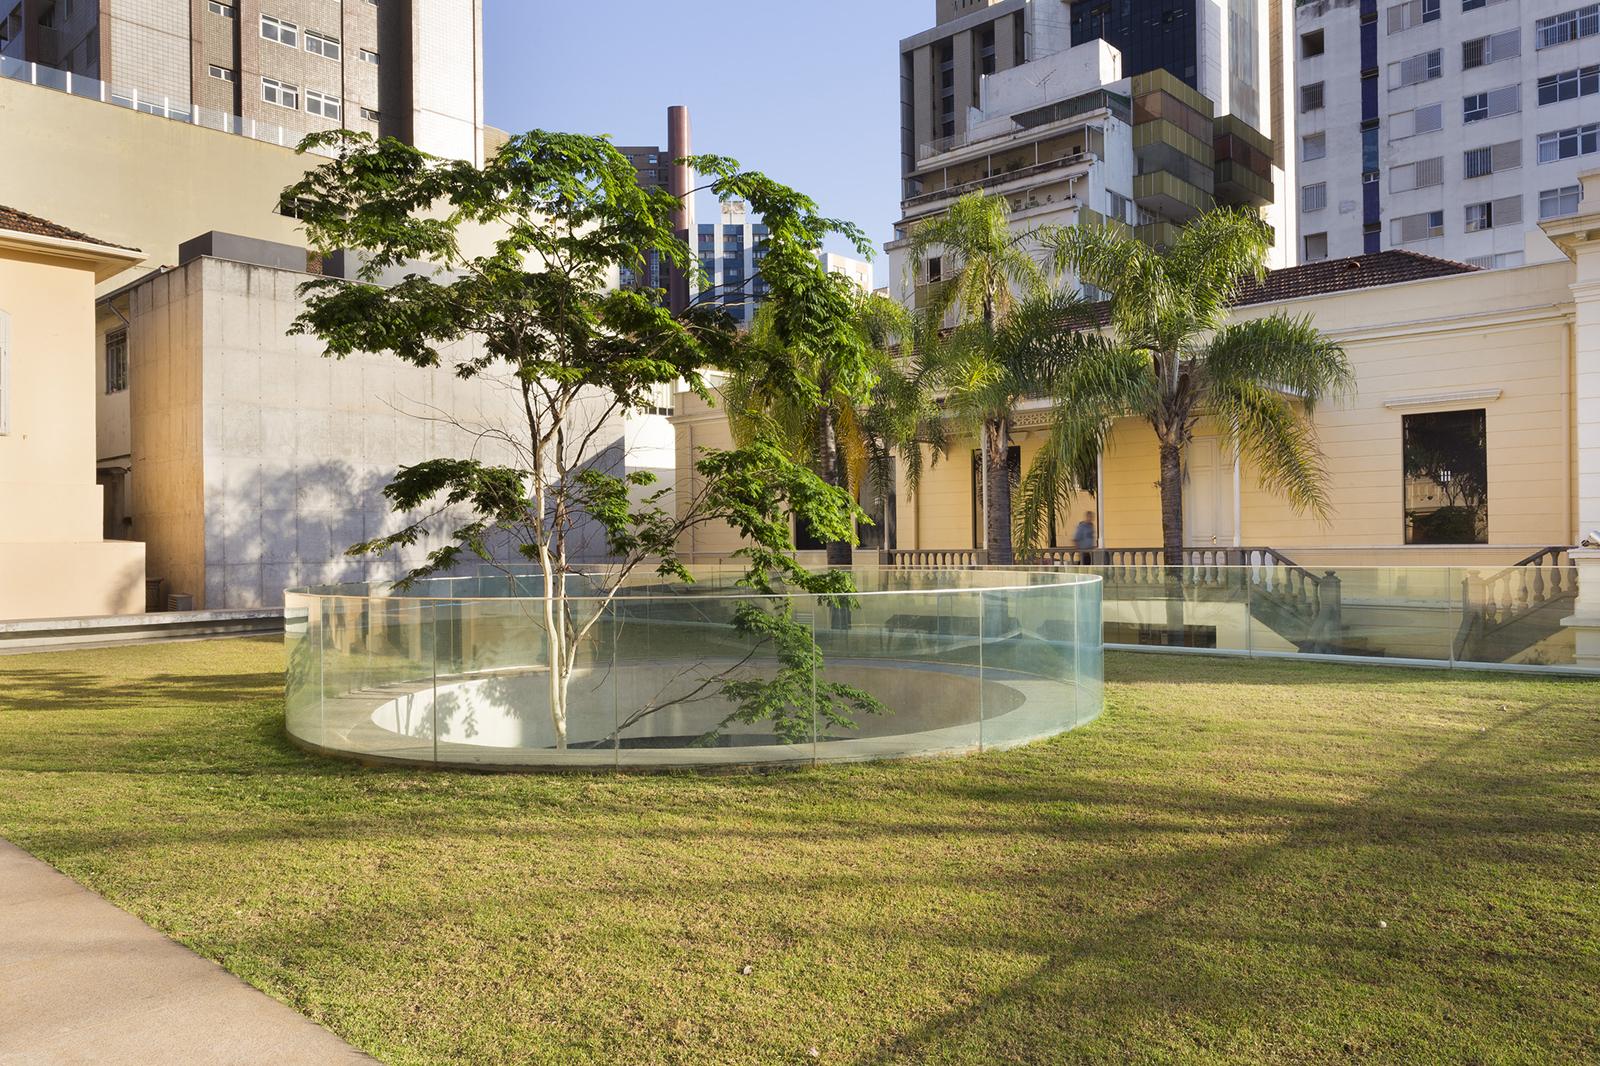 MUSEU MINEIRO_GABRIEL CASTRO_14_WEB.jpg